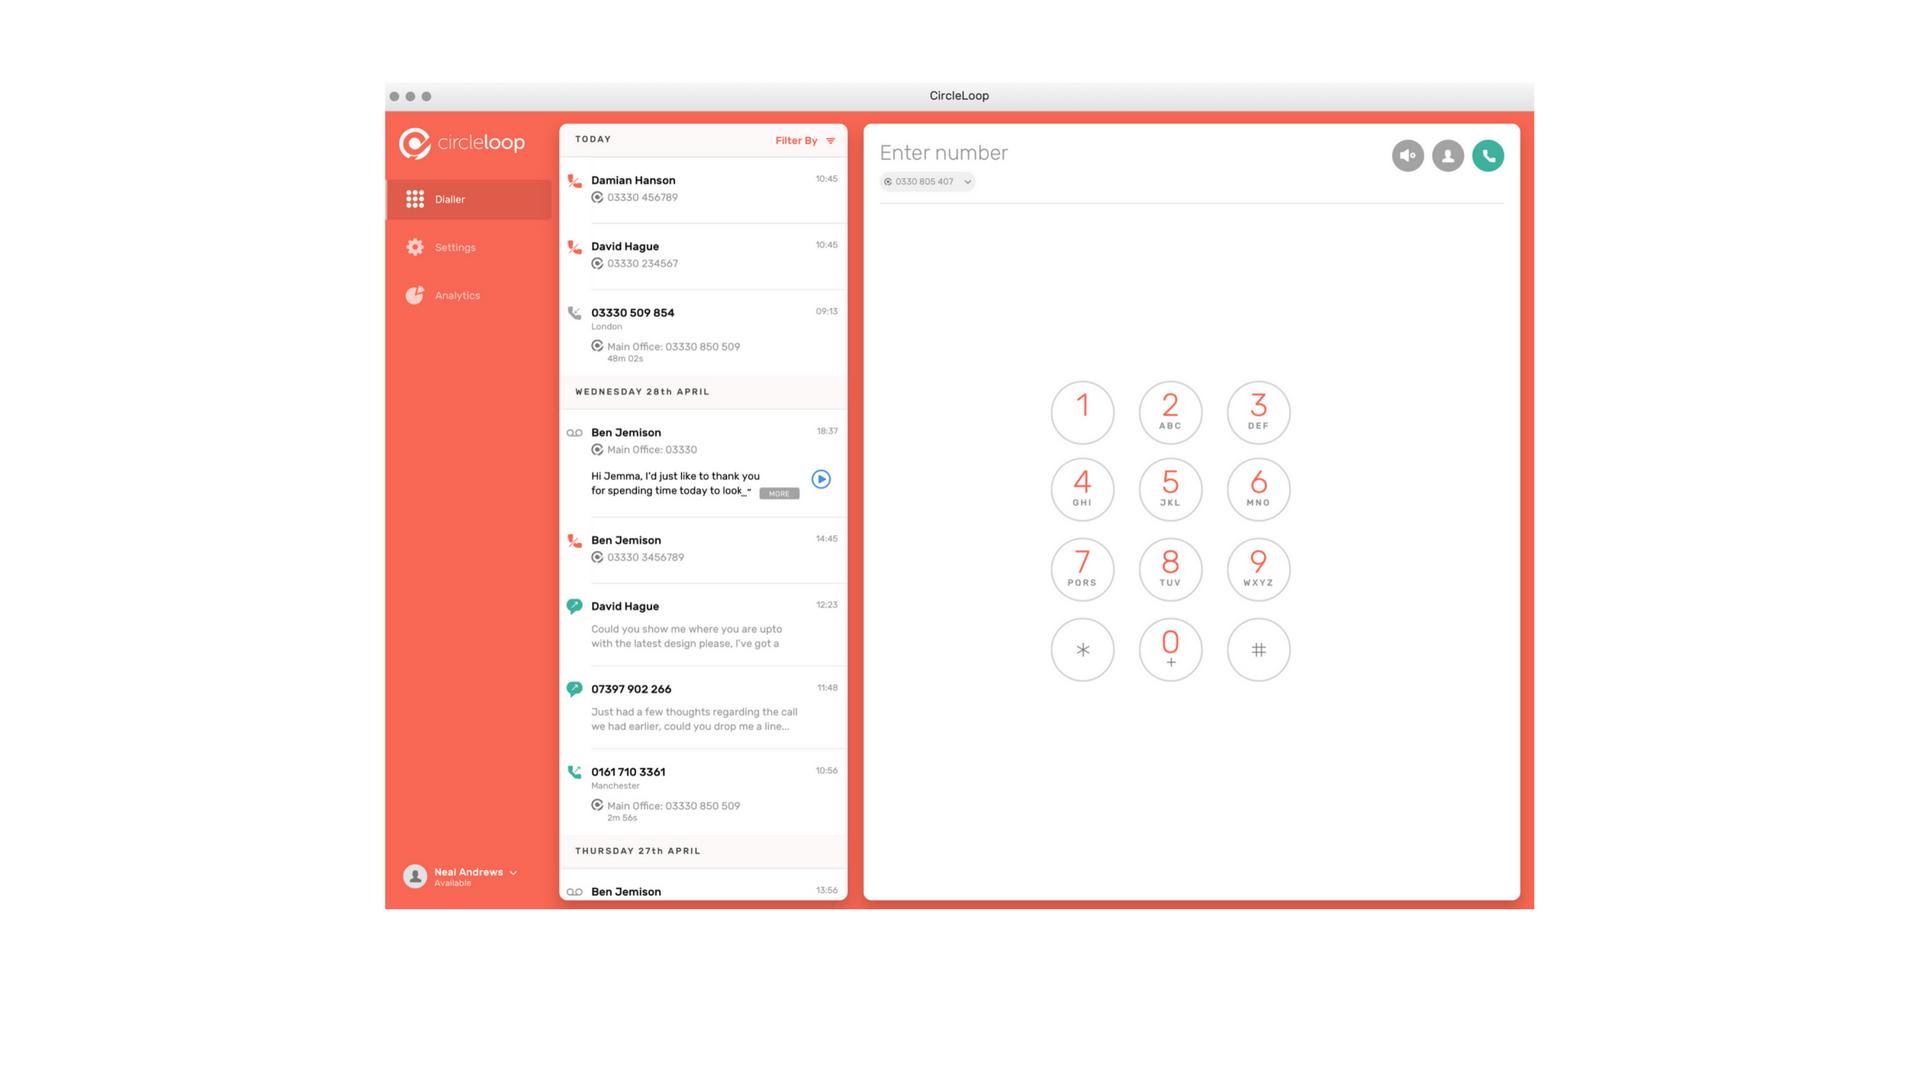 Introducing the New Look CL Desktop App